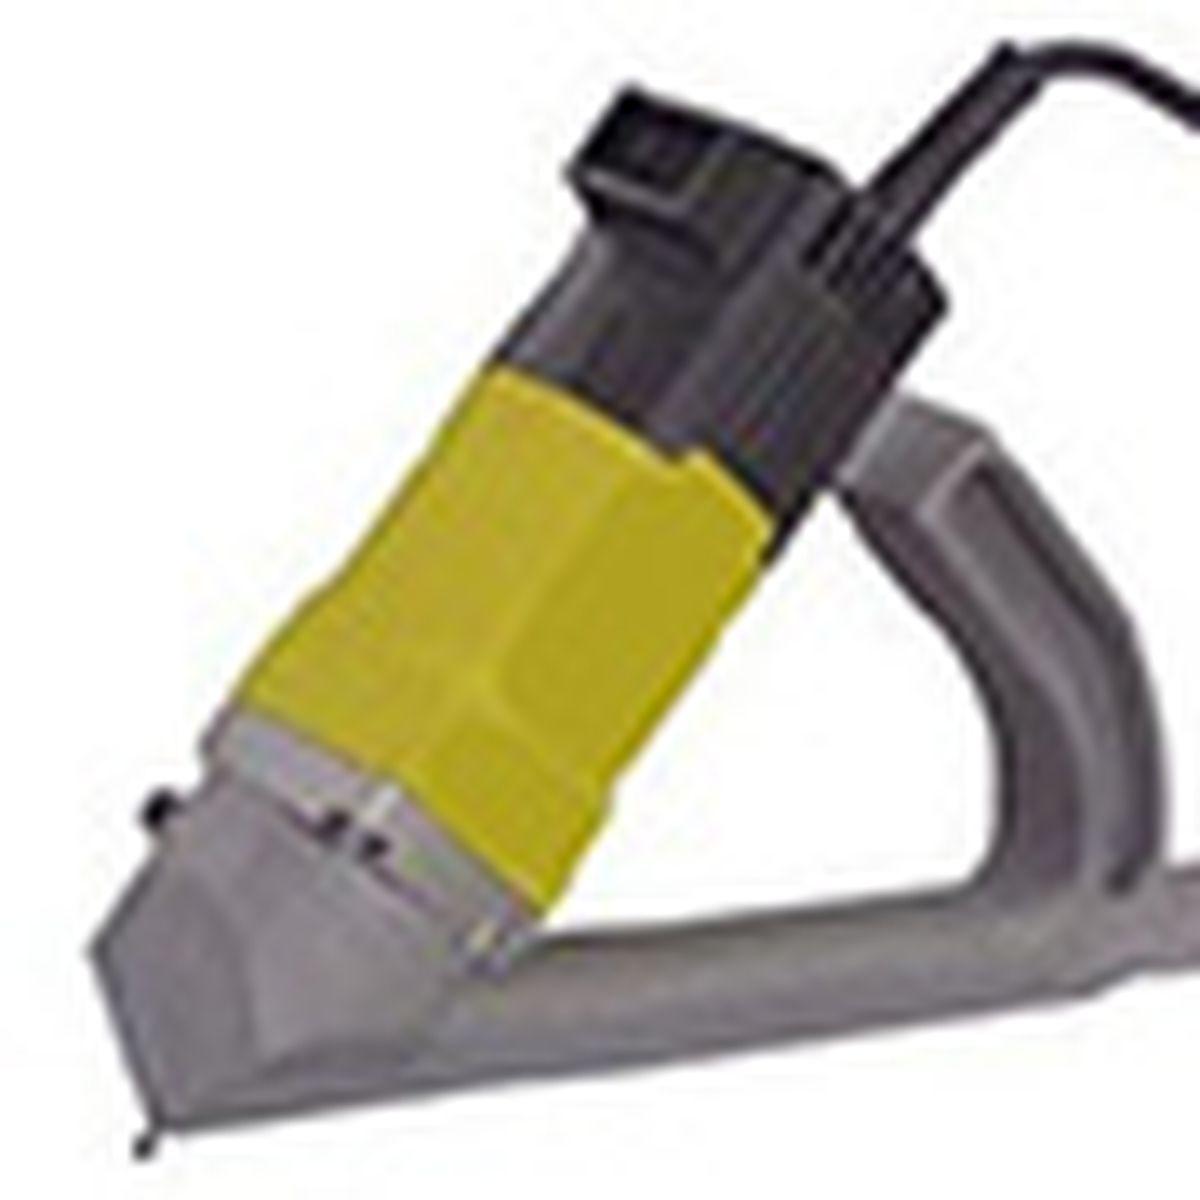 Corner-grooving tool